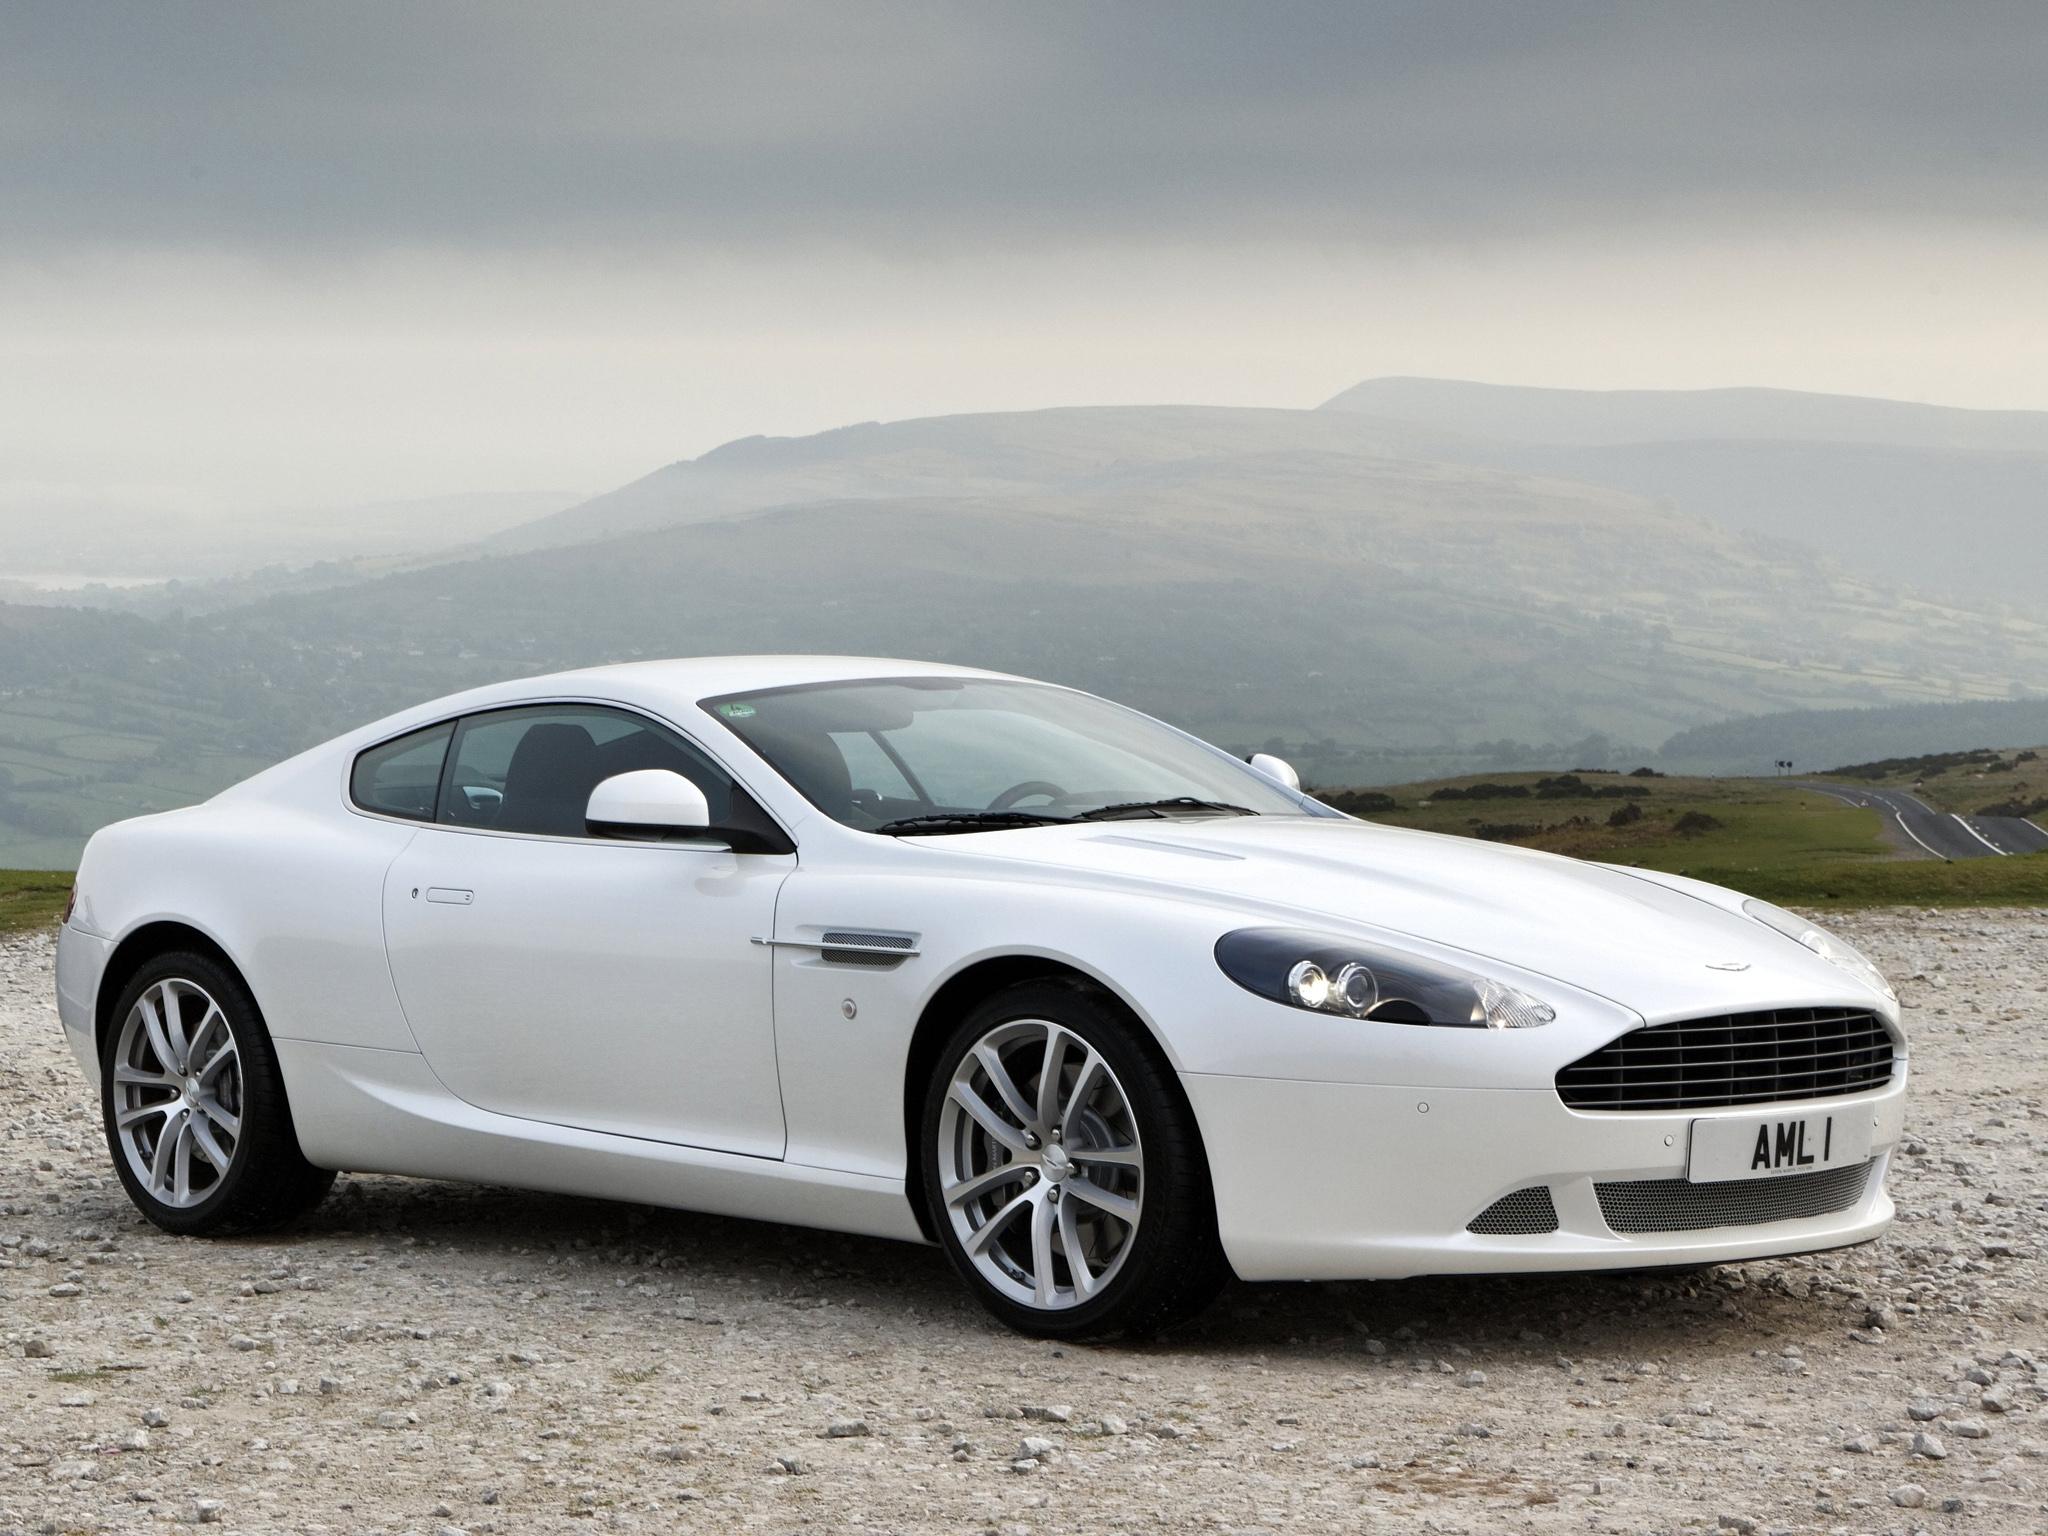 Wallpaper : White, Mountains, Nature, Side View, Sports Car, Aston Martin, Aston  Martin DBS, Coupe, Performance Car, 2010, Aston Martin DB9, Aston Martin ...